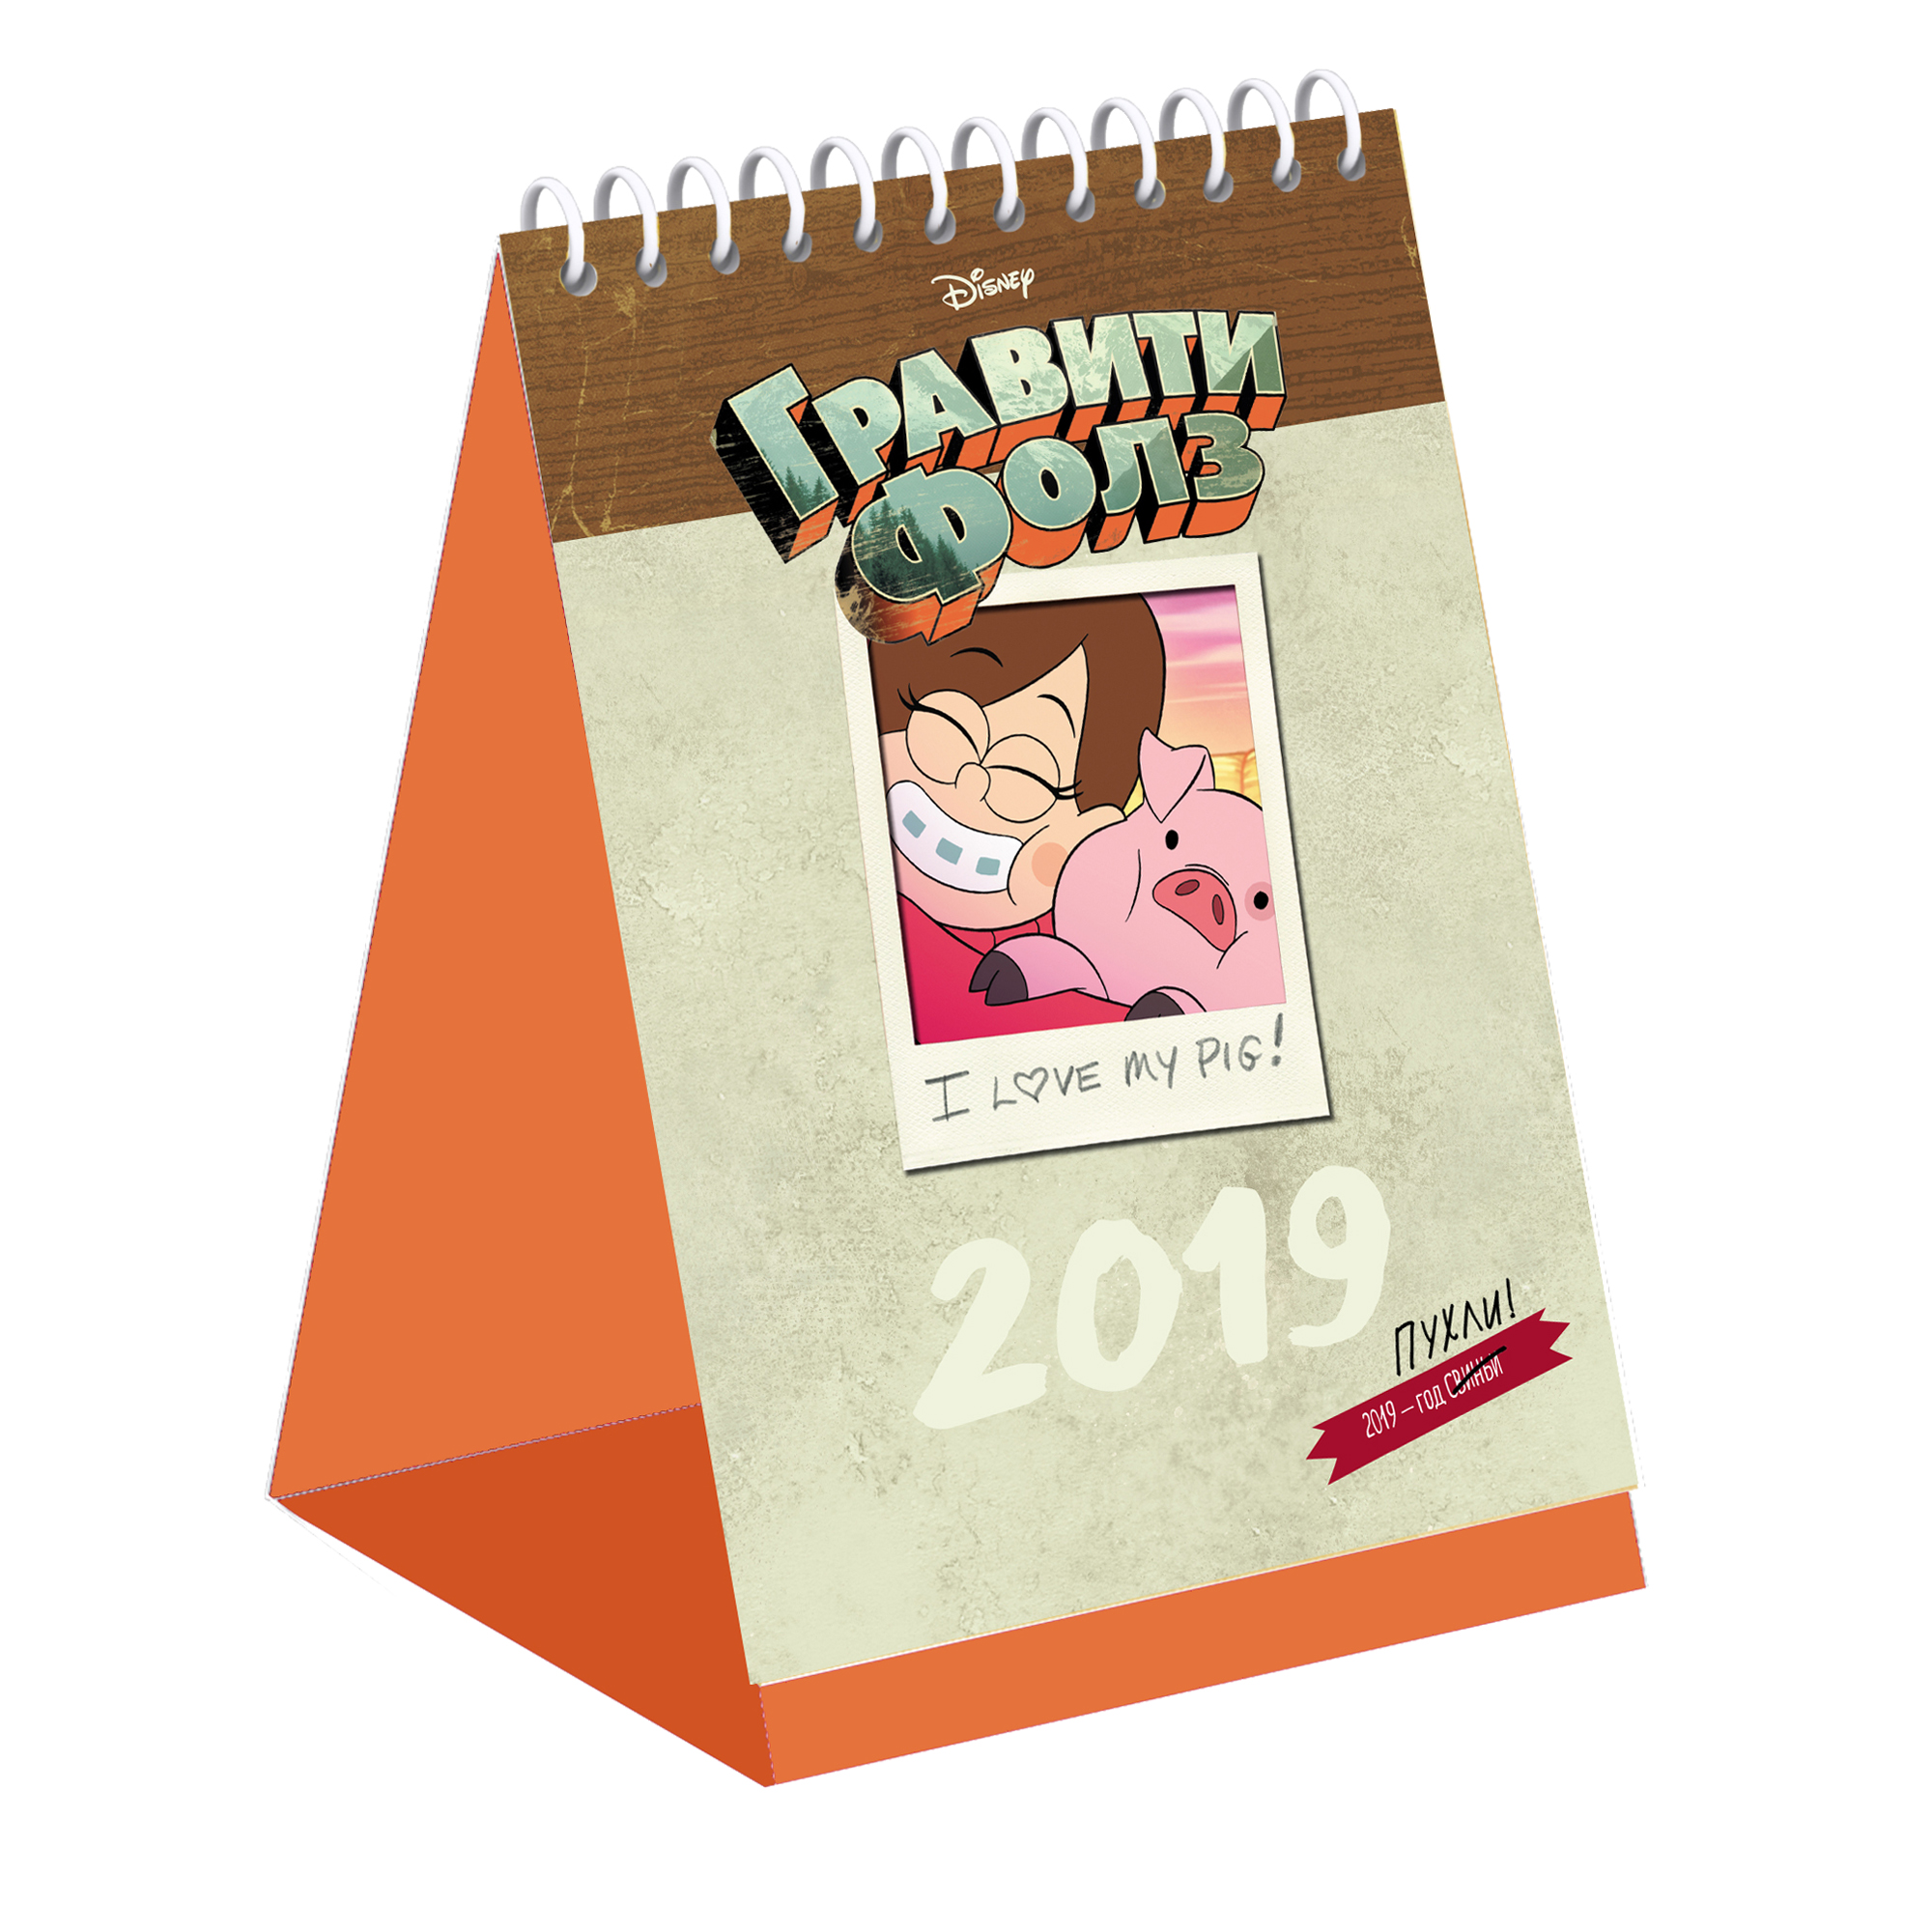 Гравити Фолз. Настольный календарь 2019 (вертикальный) календарь 2019 г настольный 25х16 год свиньи